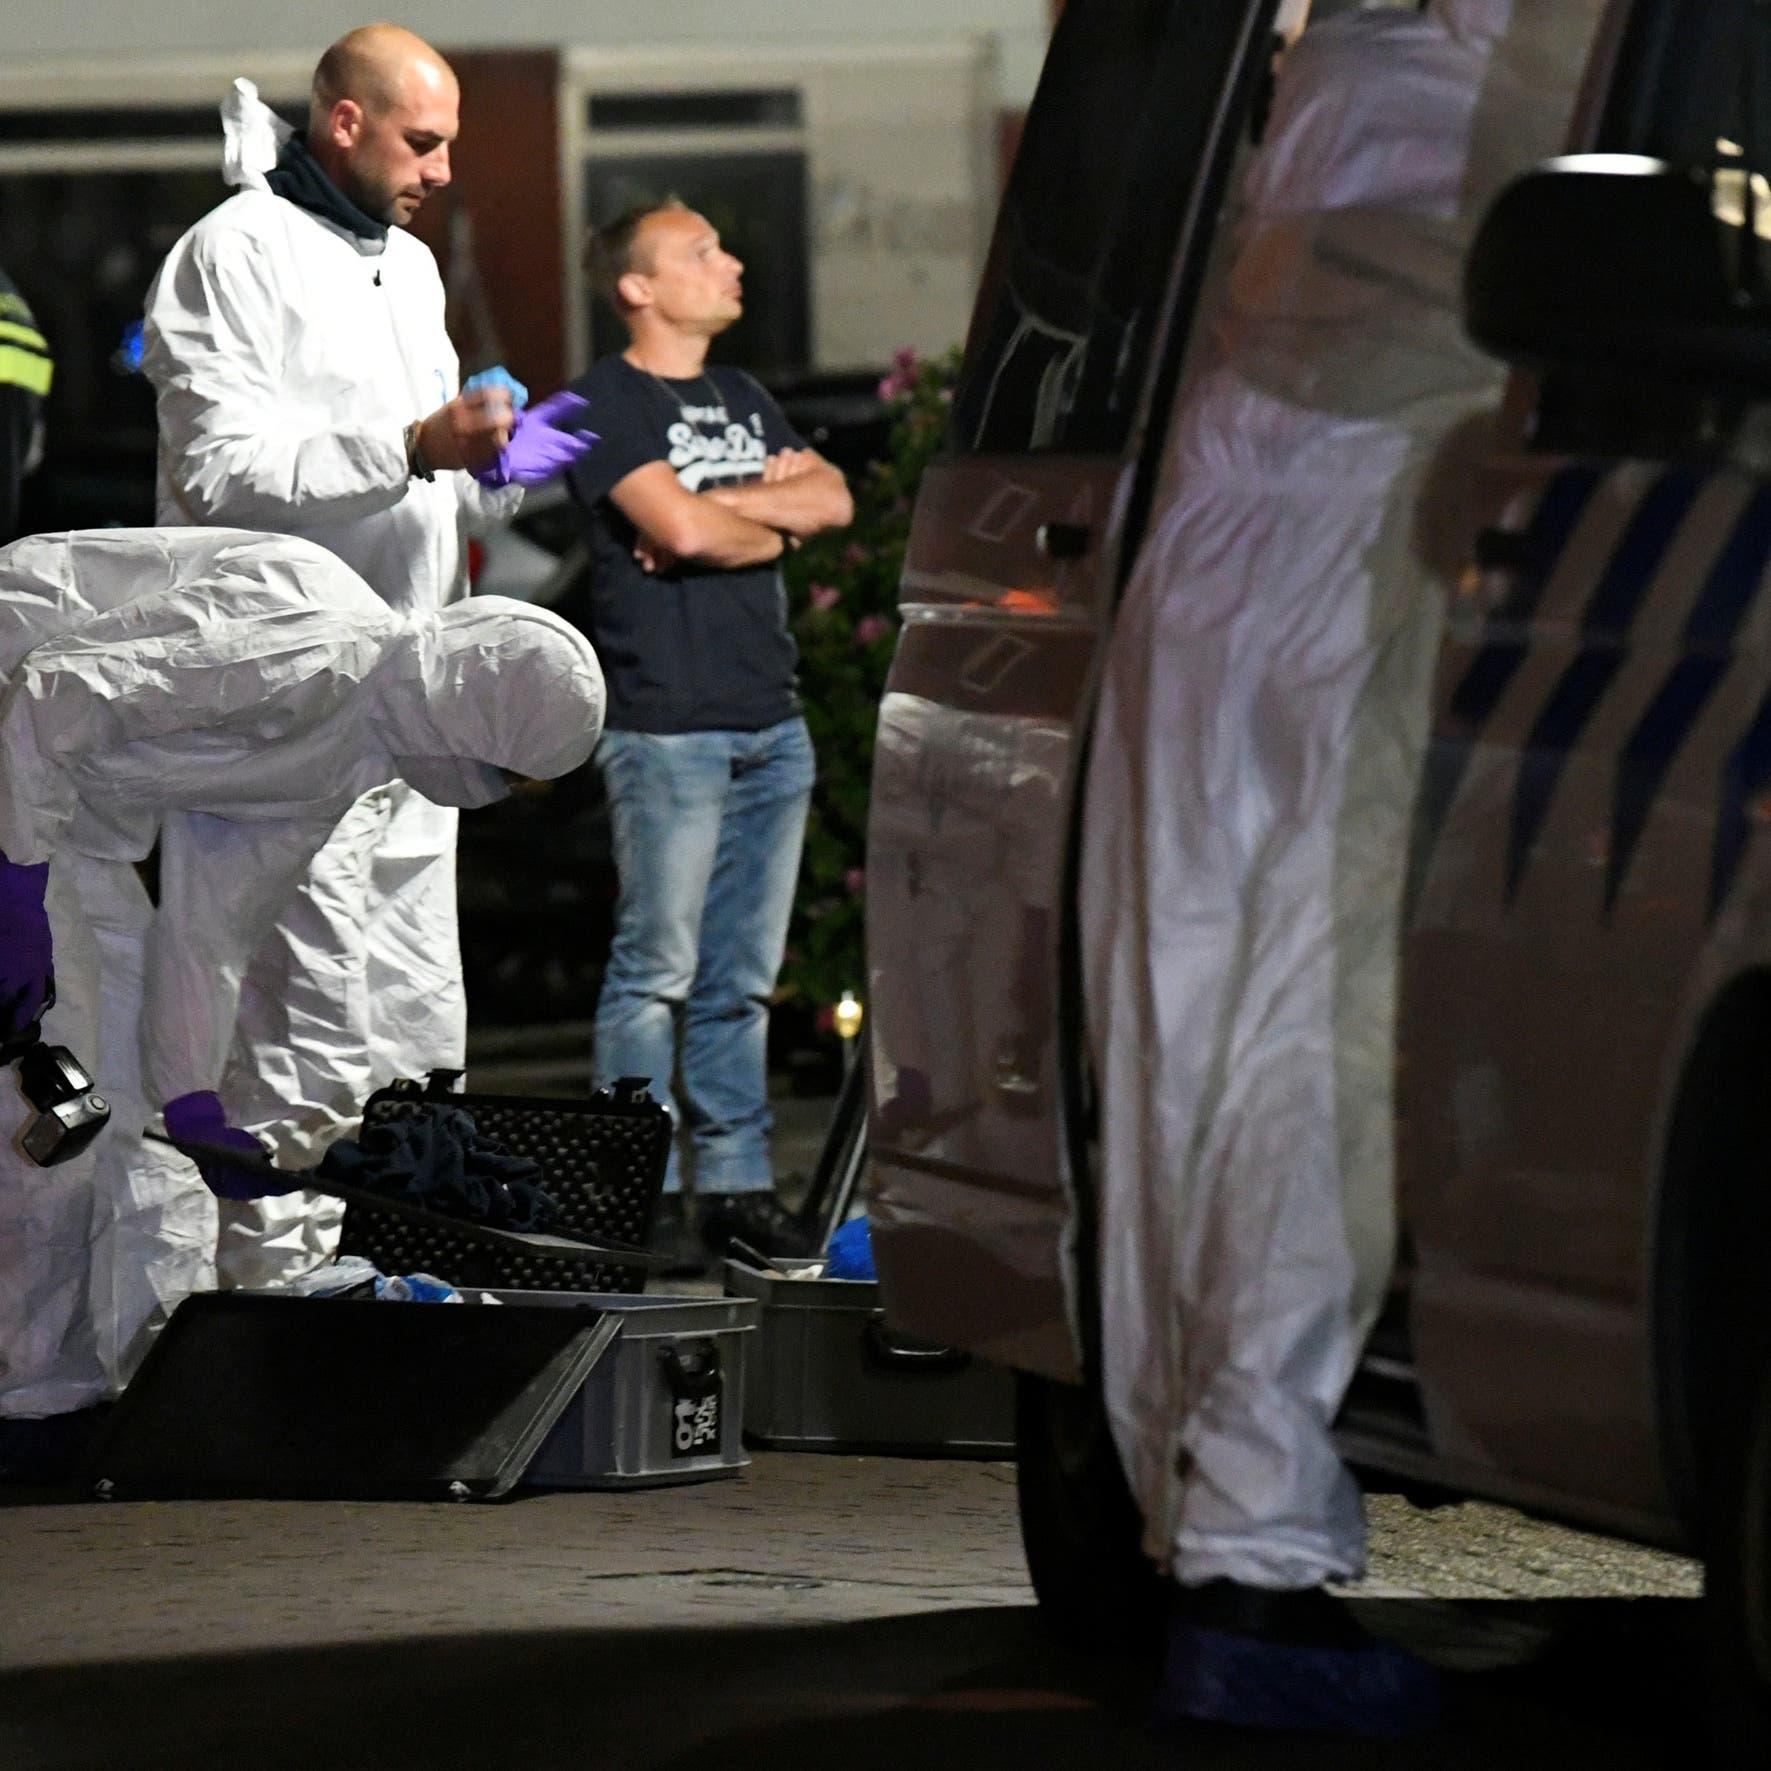 صدمة في هولندا.. شرطي يقتل طفليه الصغيرين وينتحر